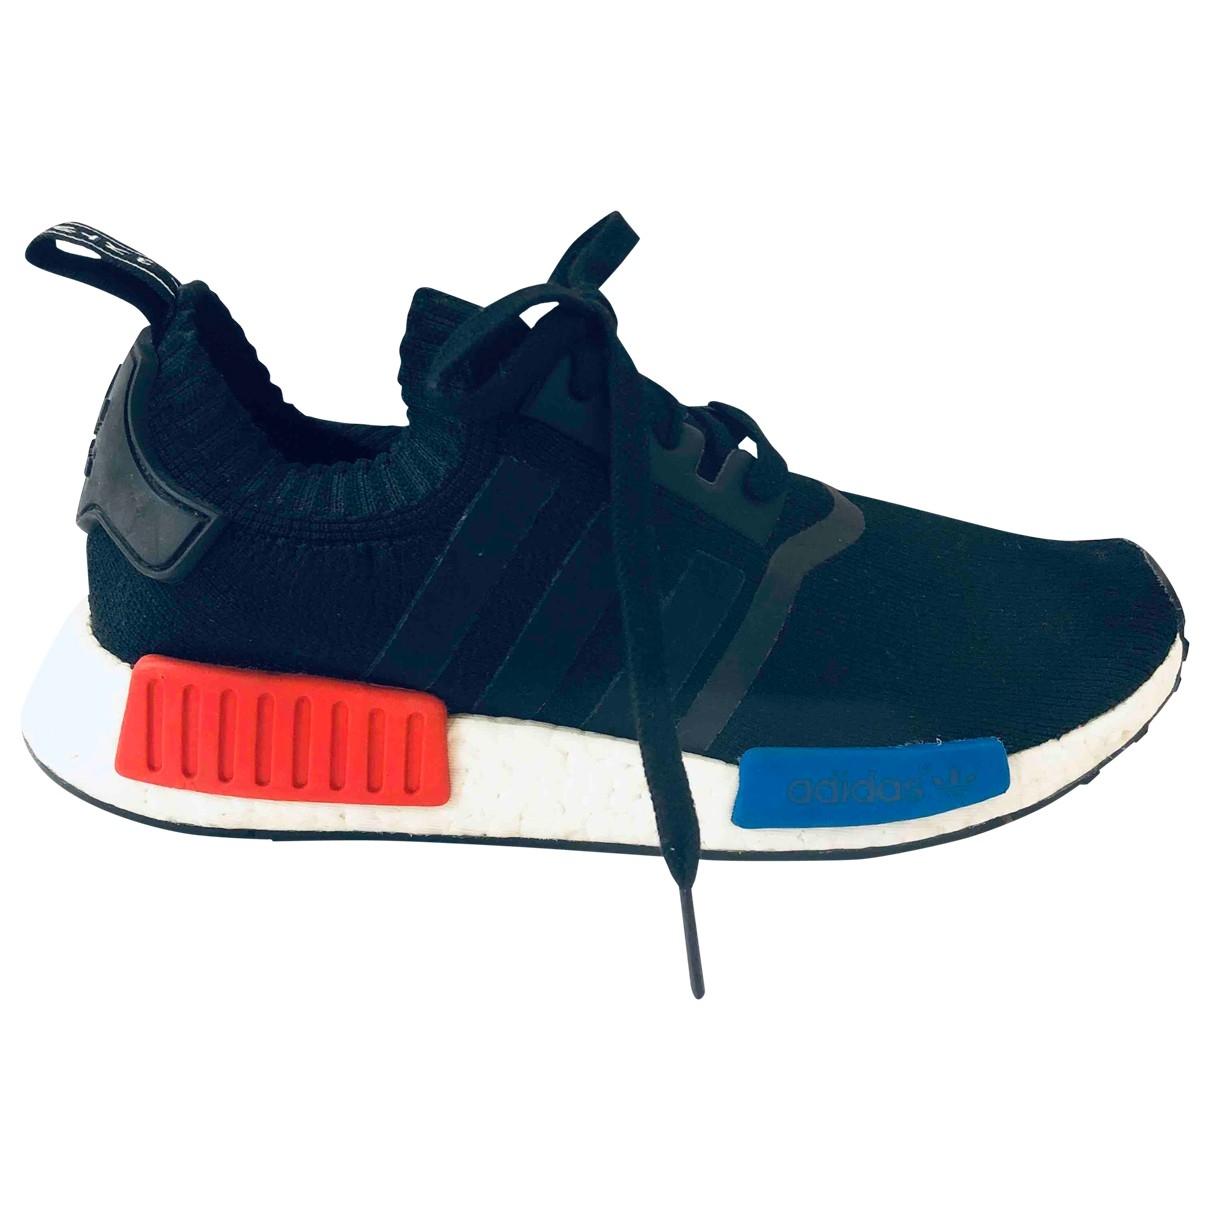 Adidas - Baskets Nmd pour homme en toile - noir